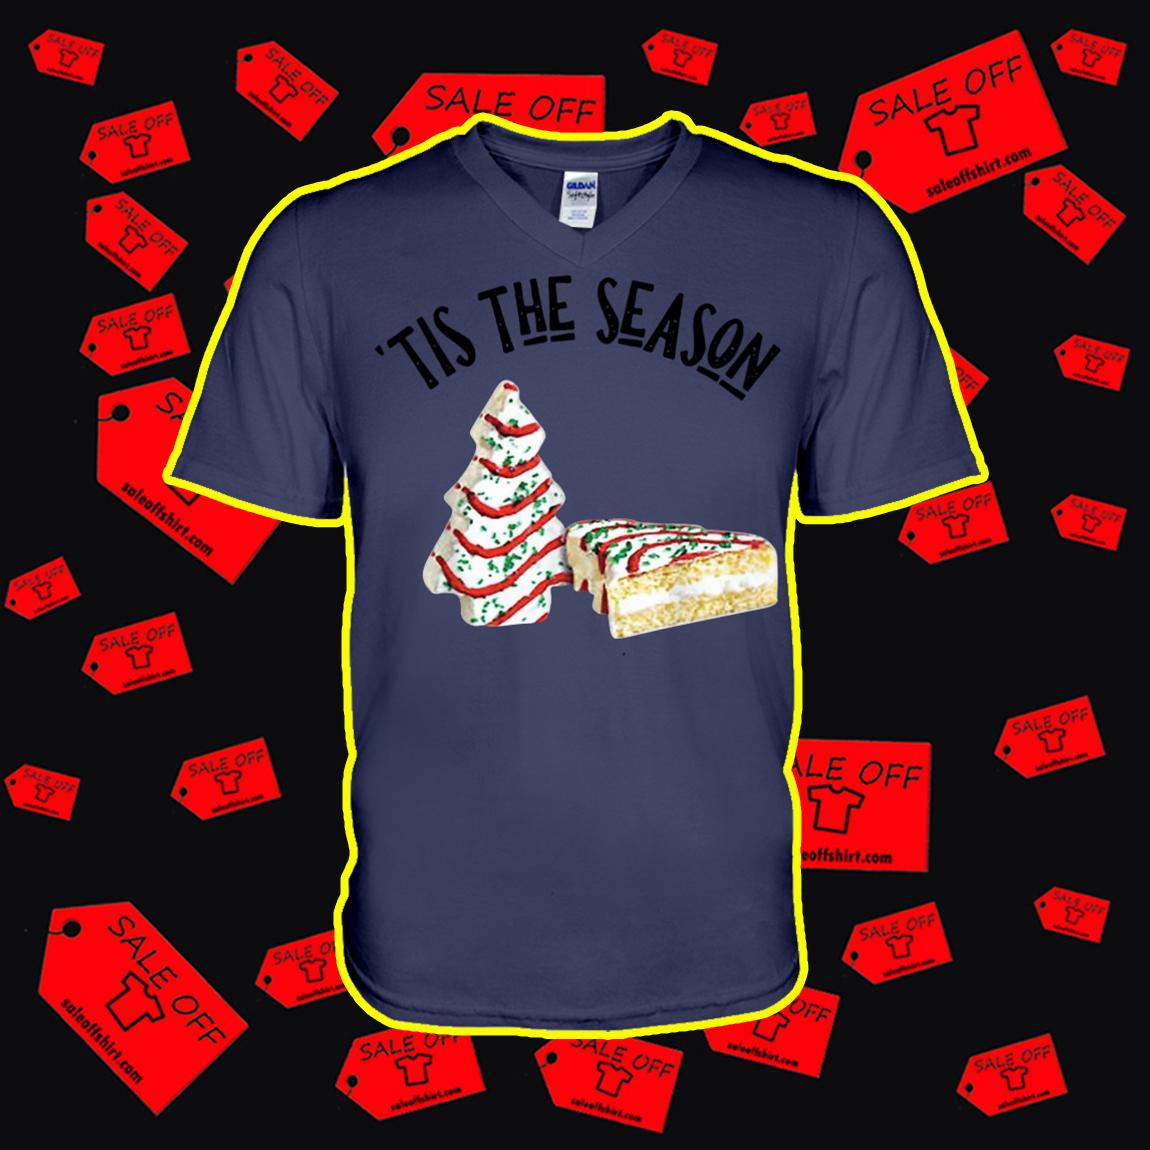 Christmas Tree Cakes Tis The Season v-neck